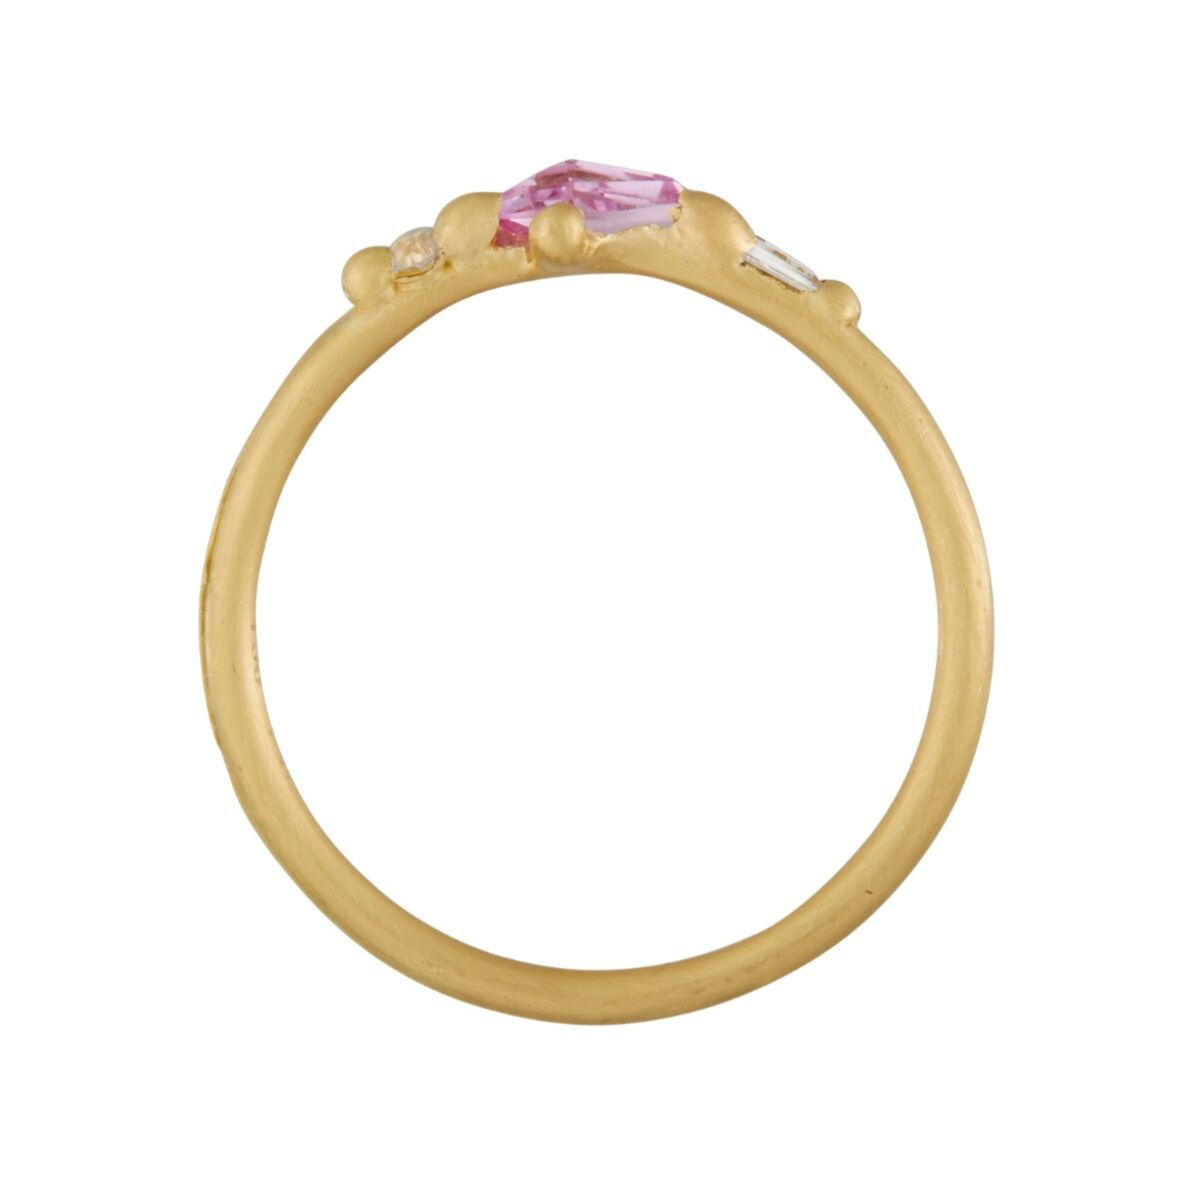 Anna Kite Ring image